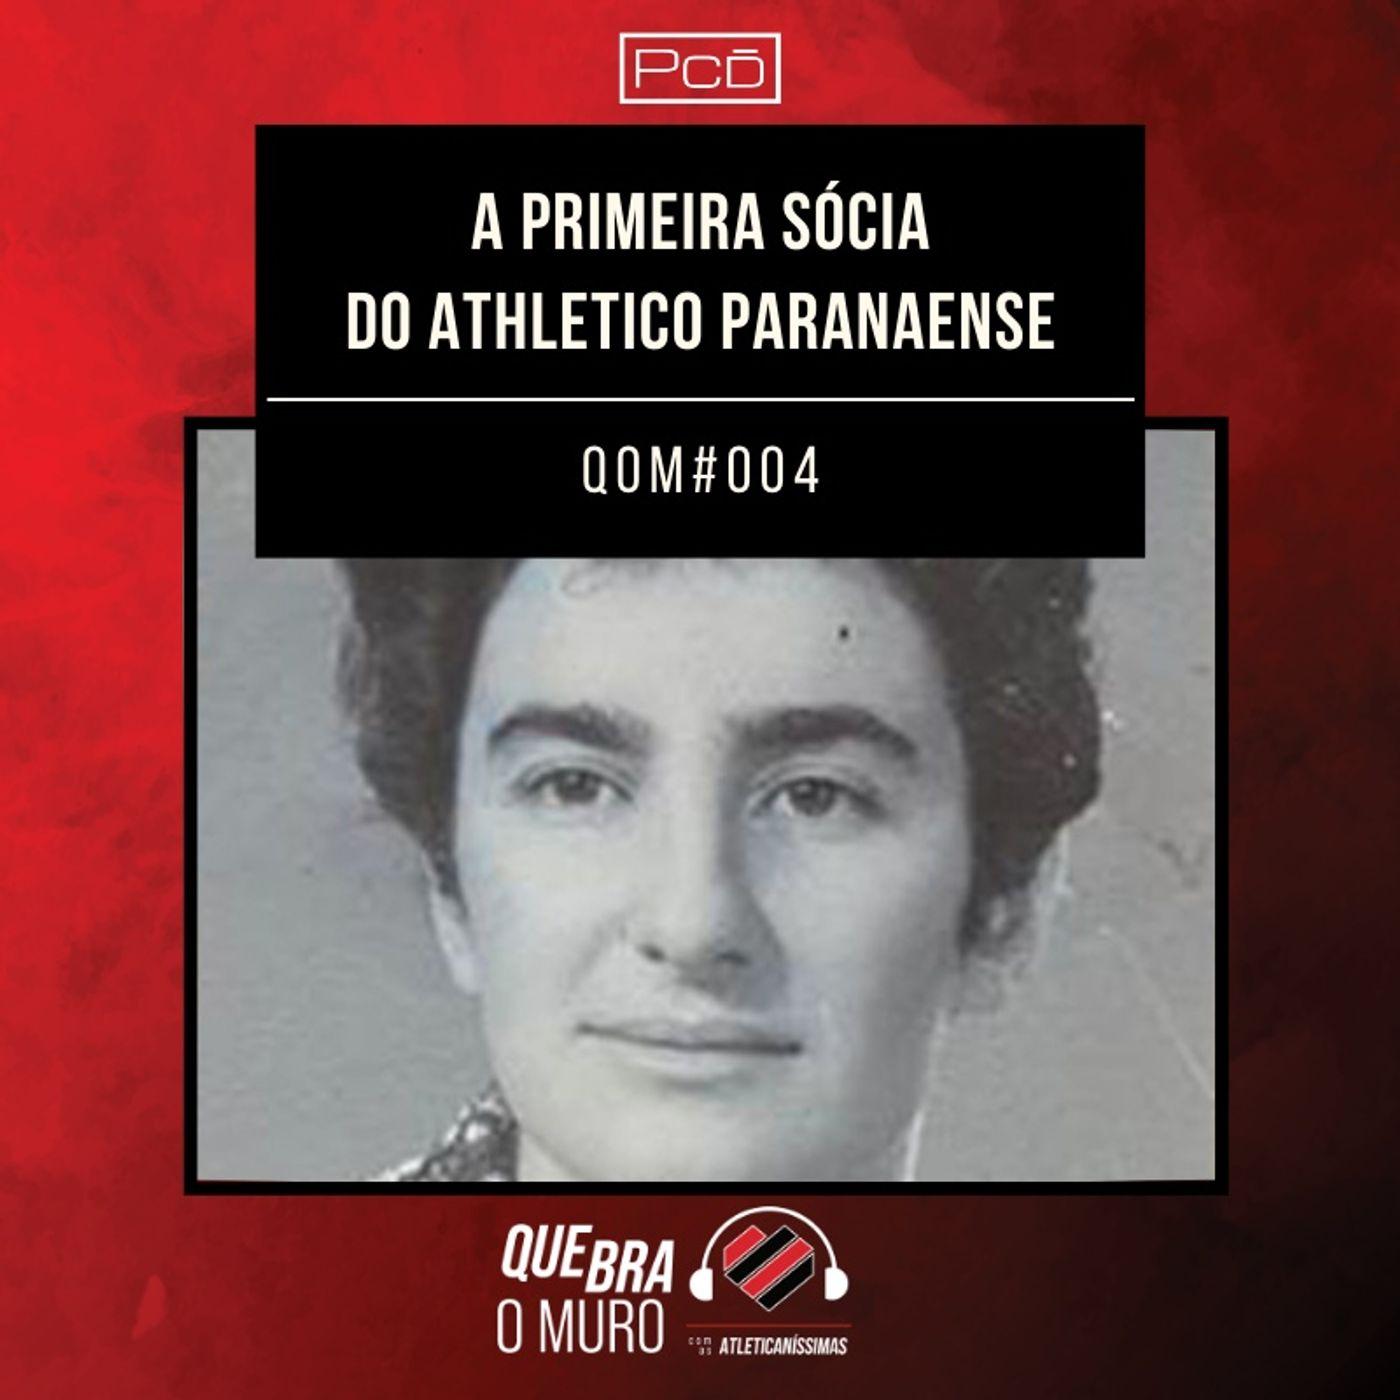 #004 - A PRIMEIRA SÓCIA DO ATHLETICO